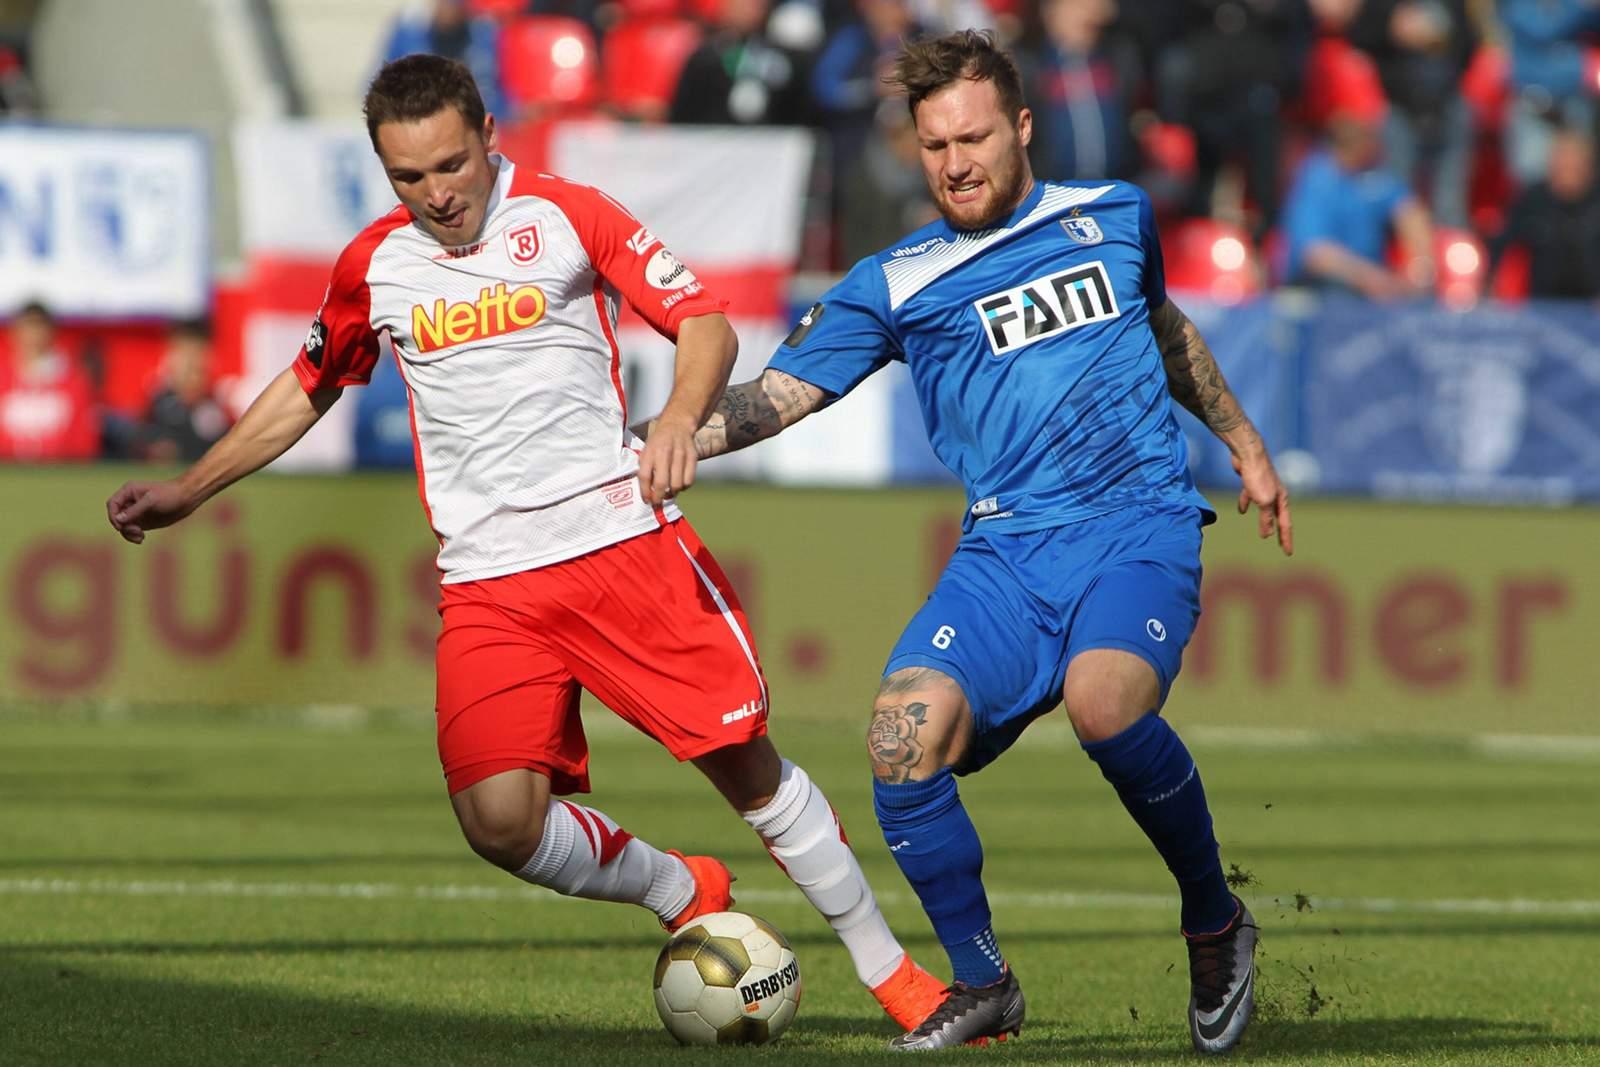 Zweikampf zwischen Andreas Geipl und Jan Löhmannsröben. Jetzt auf Magdeburg gegen Regensburg wetten!